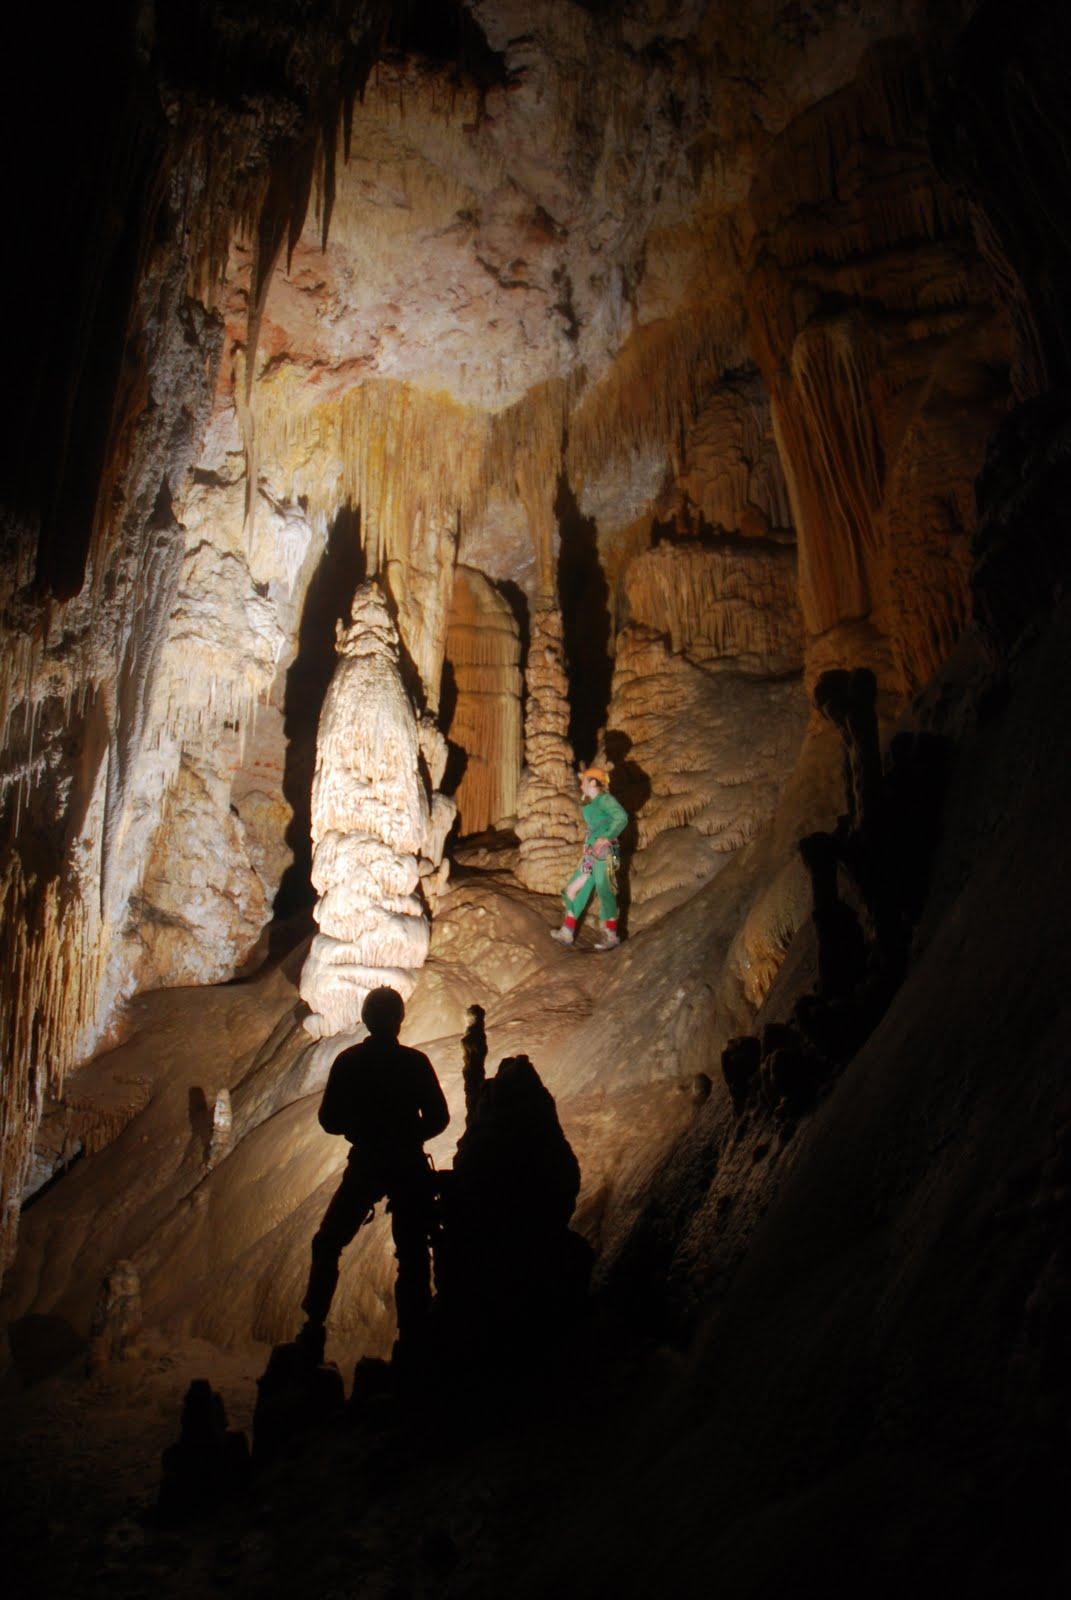 Fuente: cavitats-subterranies.blogspot.com